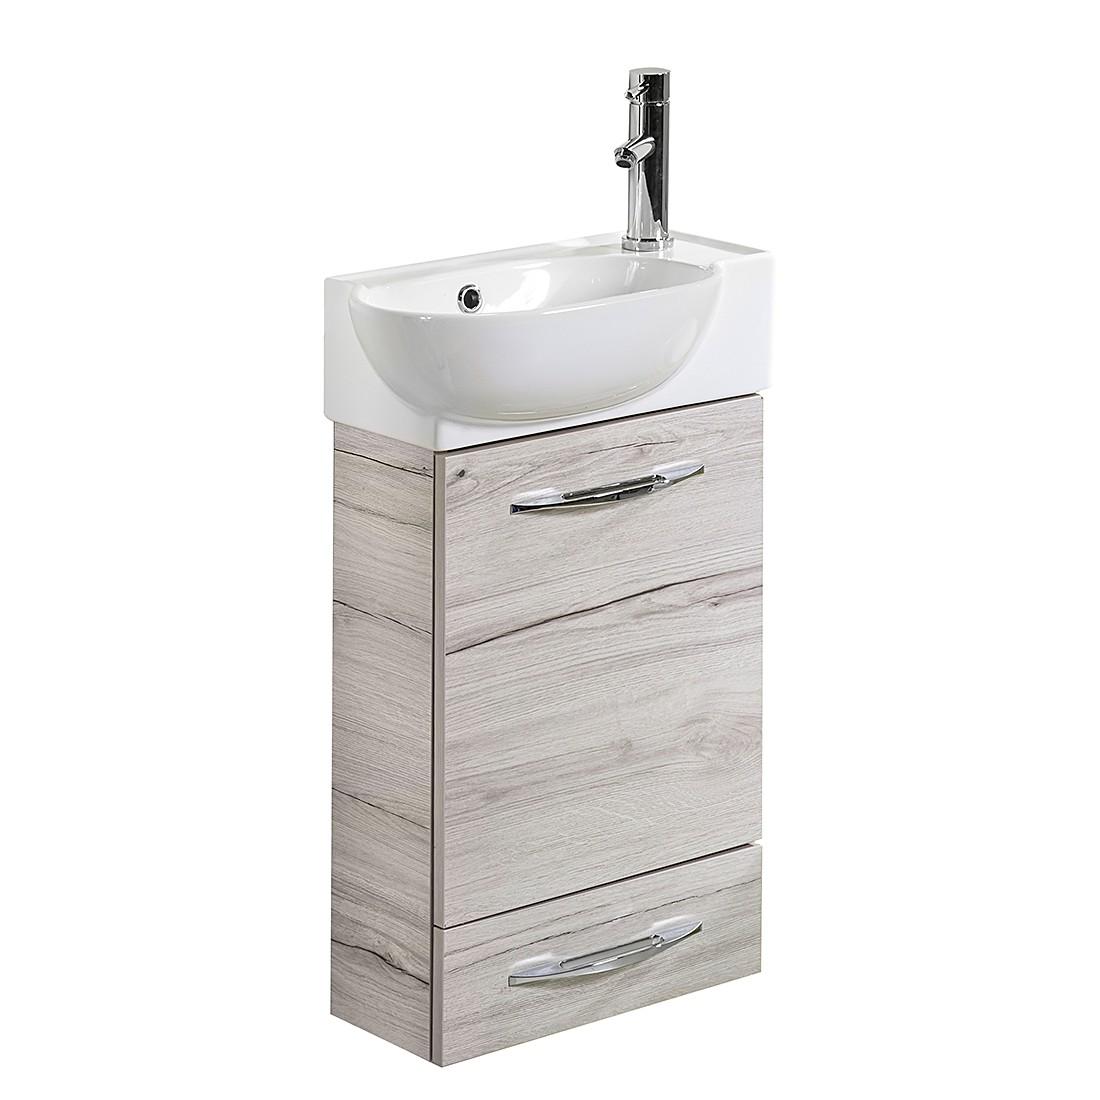 Waschtisch Gusi – Kalk Eiche Dekor, Giessbach jetzt kaufen